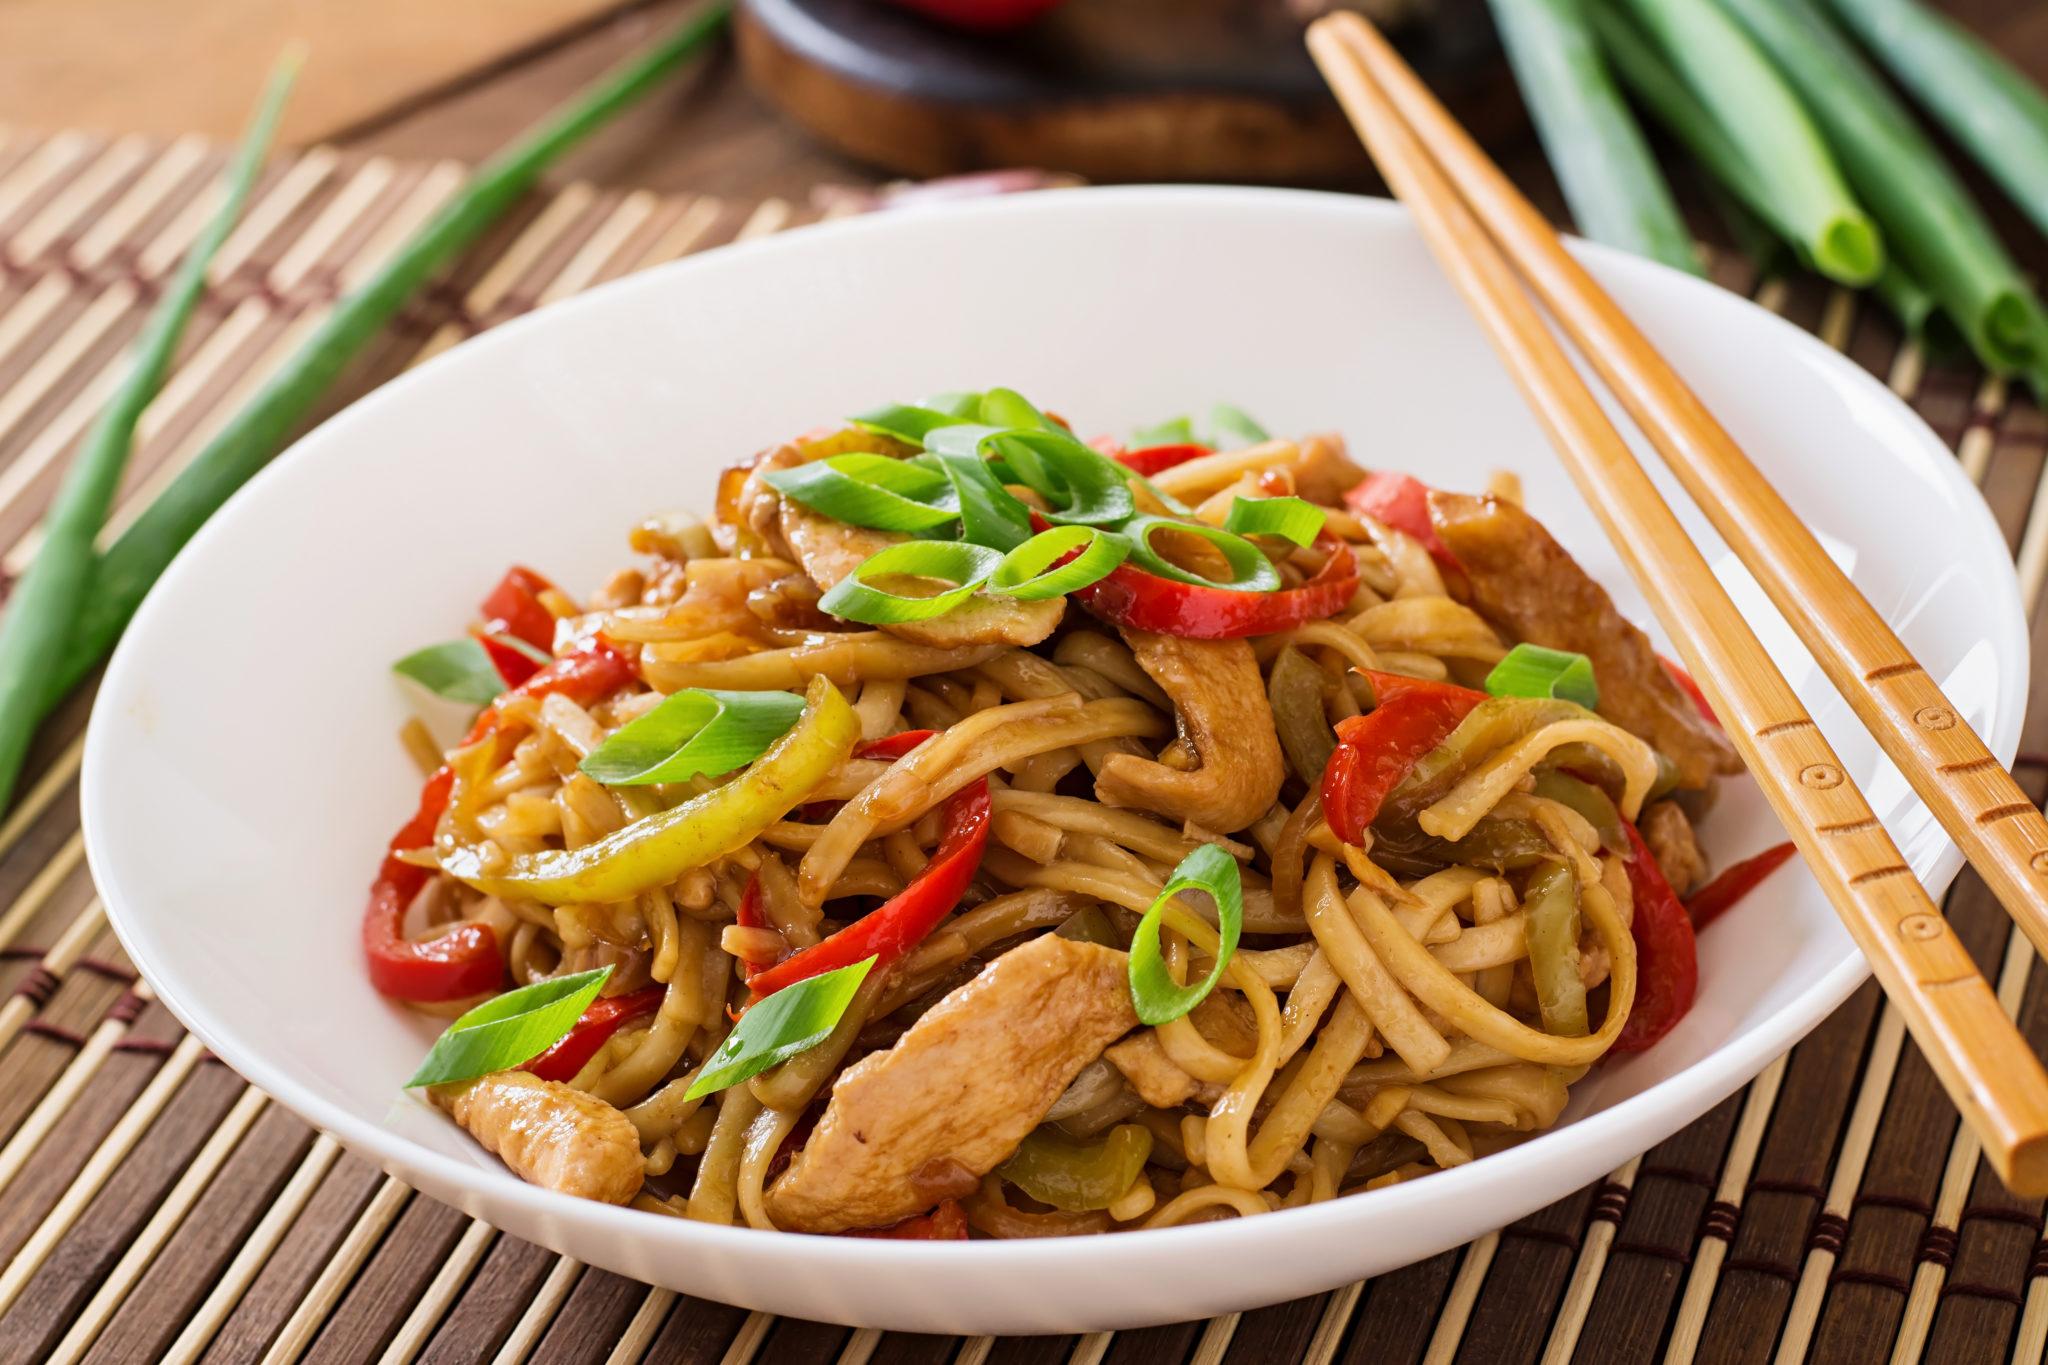 Receta de Noodles de verdura y pollo